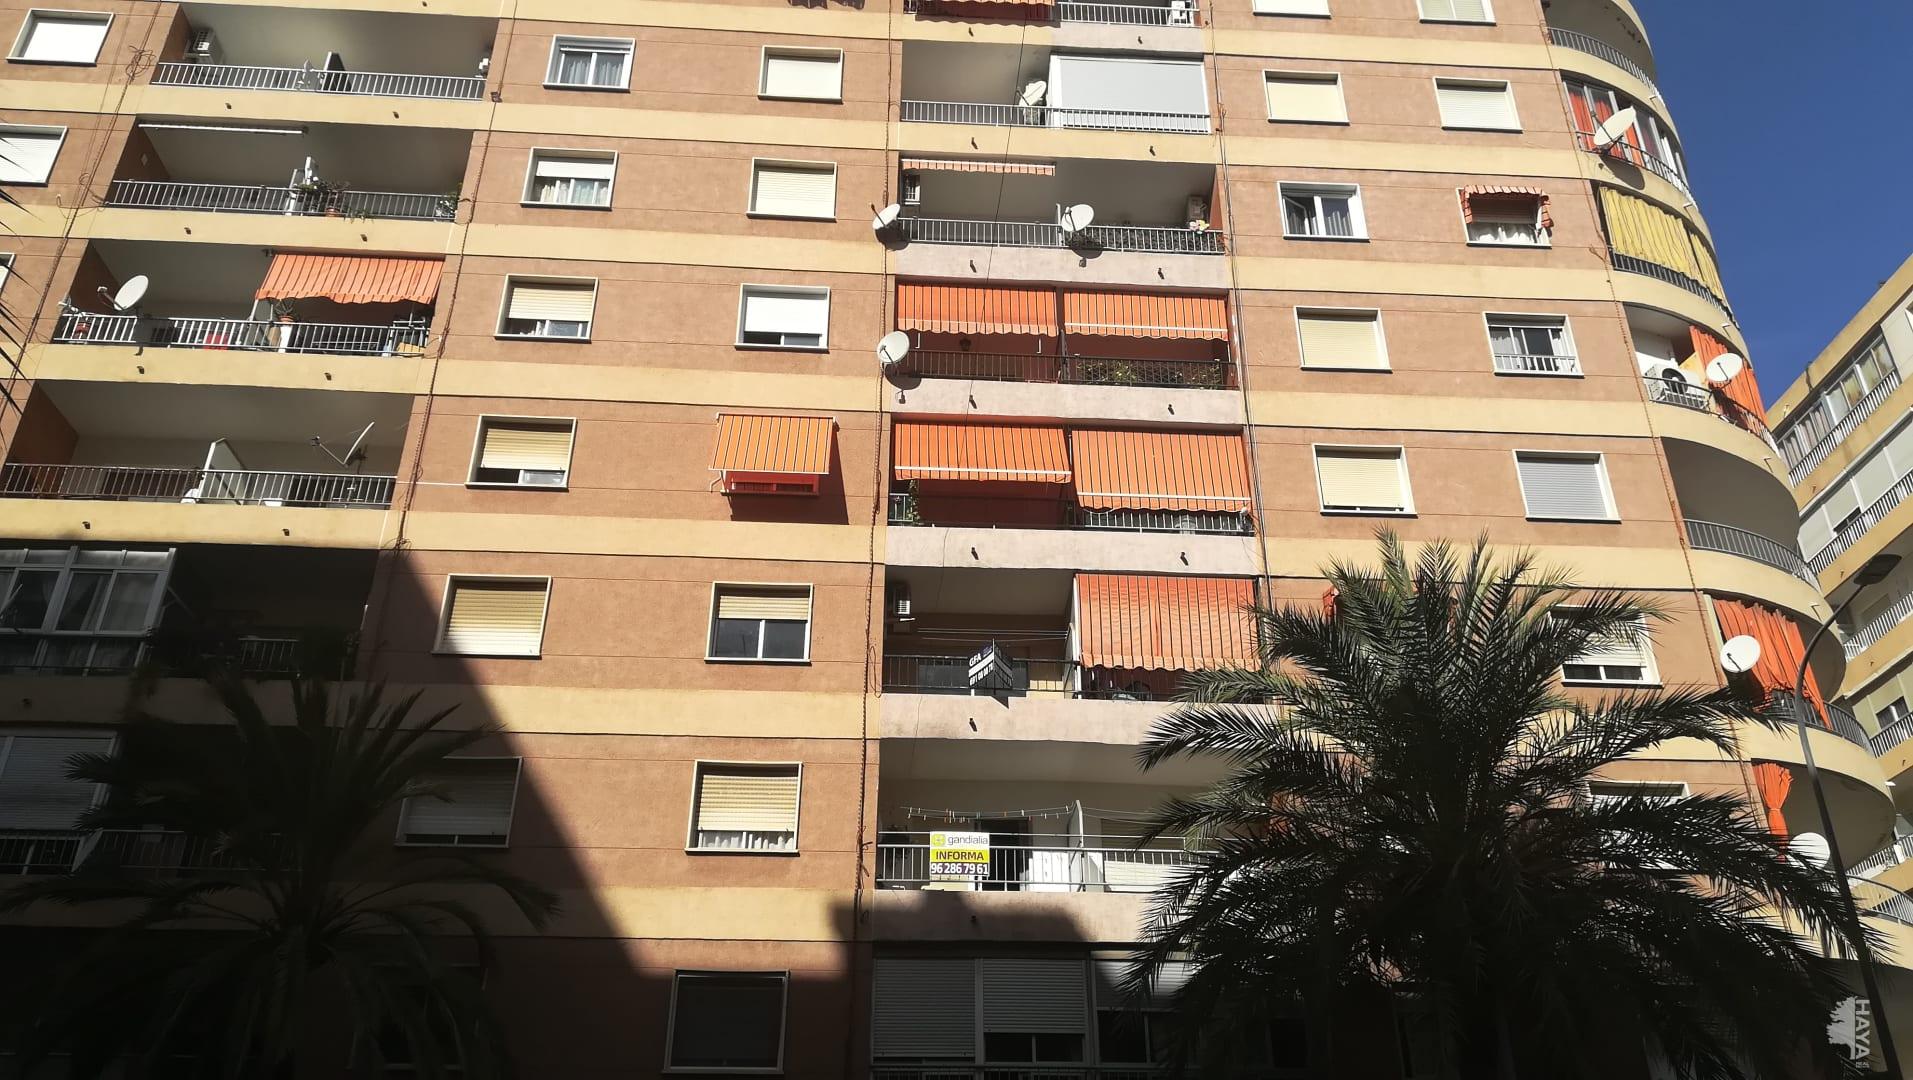 Piso en venta en Gandia, Valencia, Avenida Republica Argentina, 95.700 €, 4 habitaciones, 2 baños, 95 m2